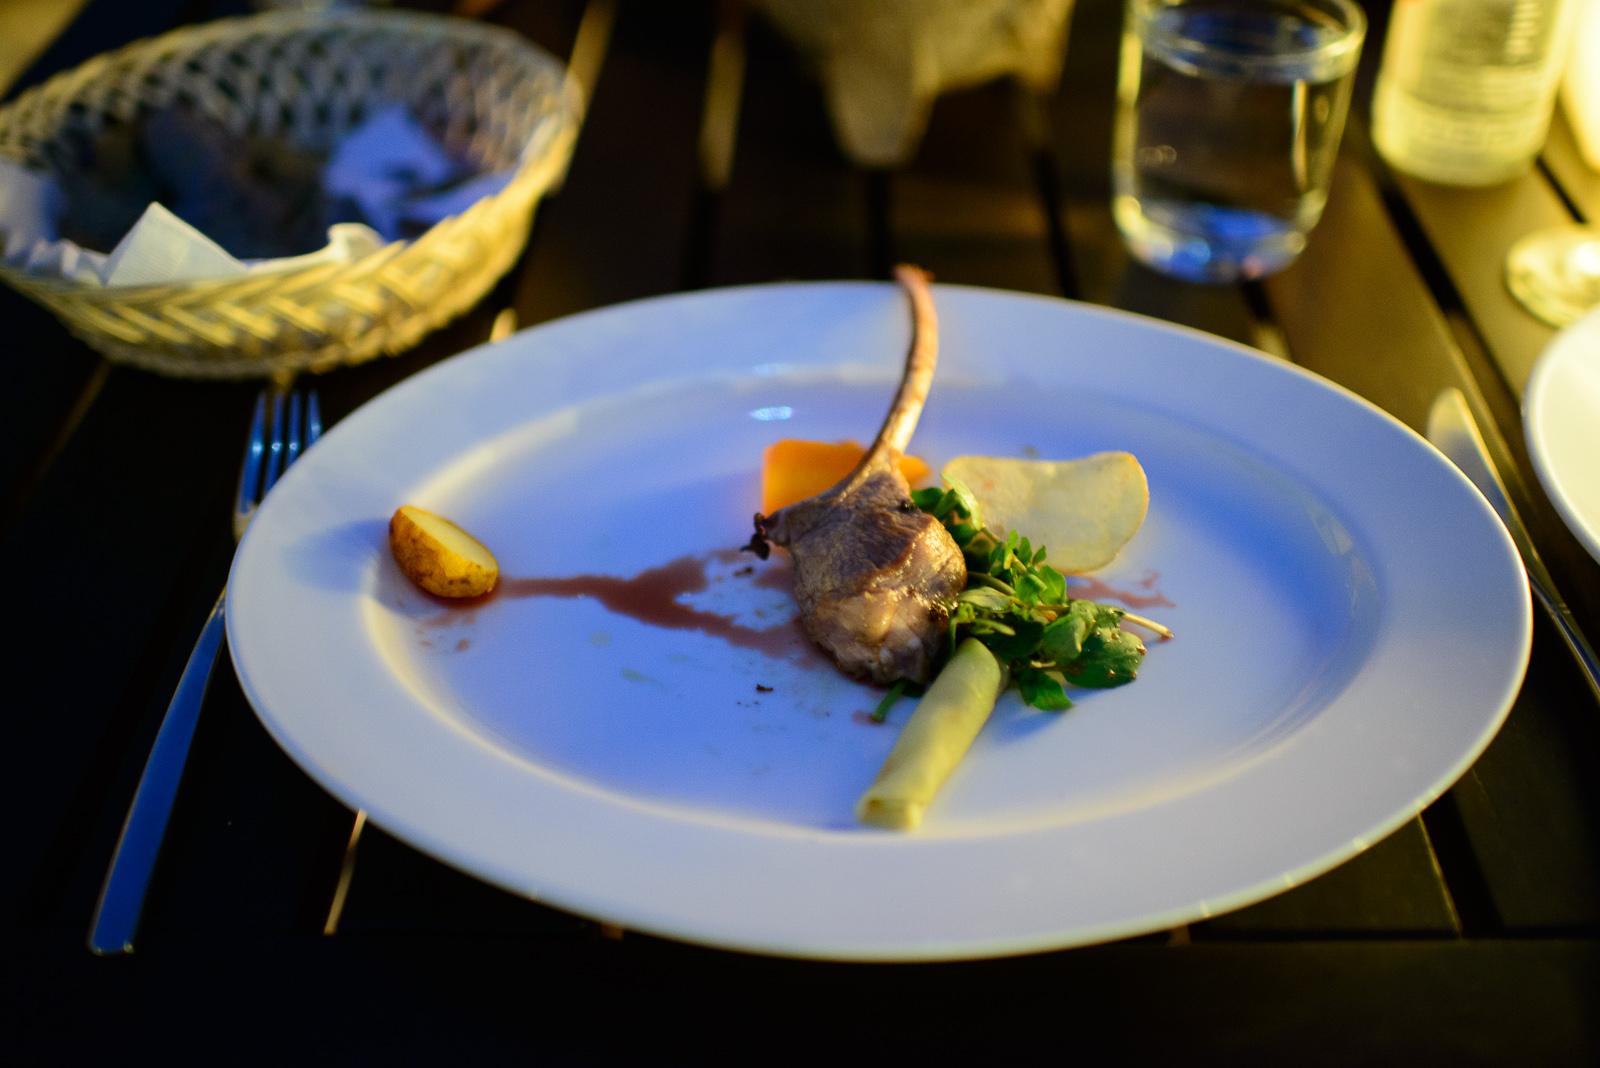 5th Course: Cordero con mojo de pitiona (Lamb in pitiona sauce)